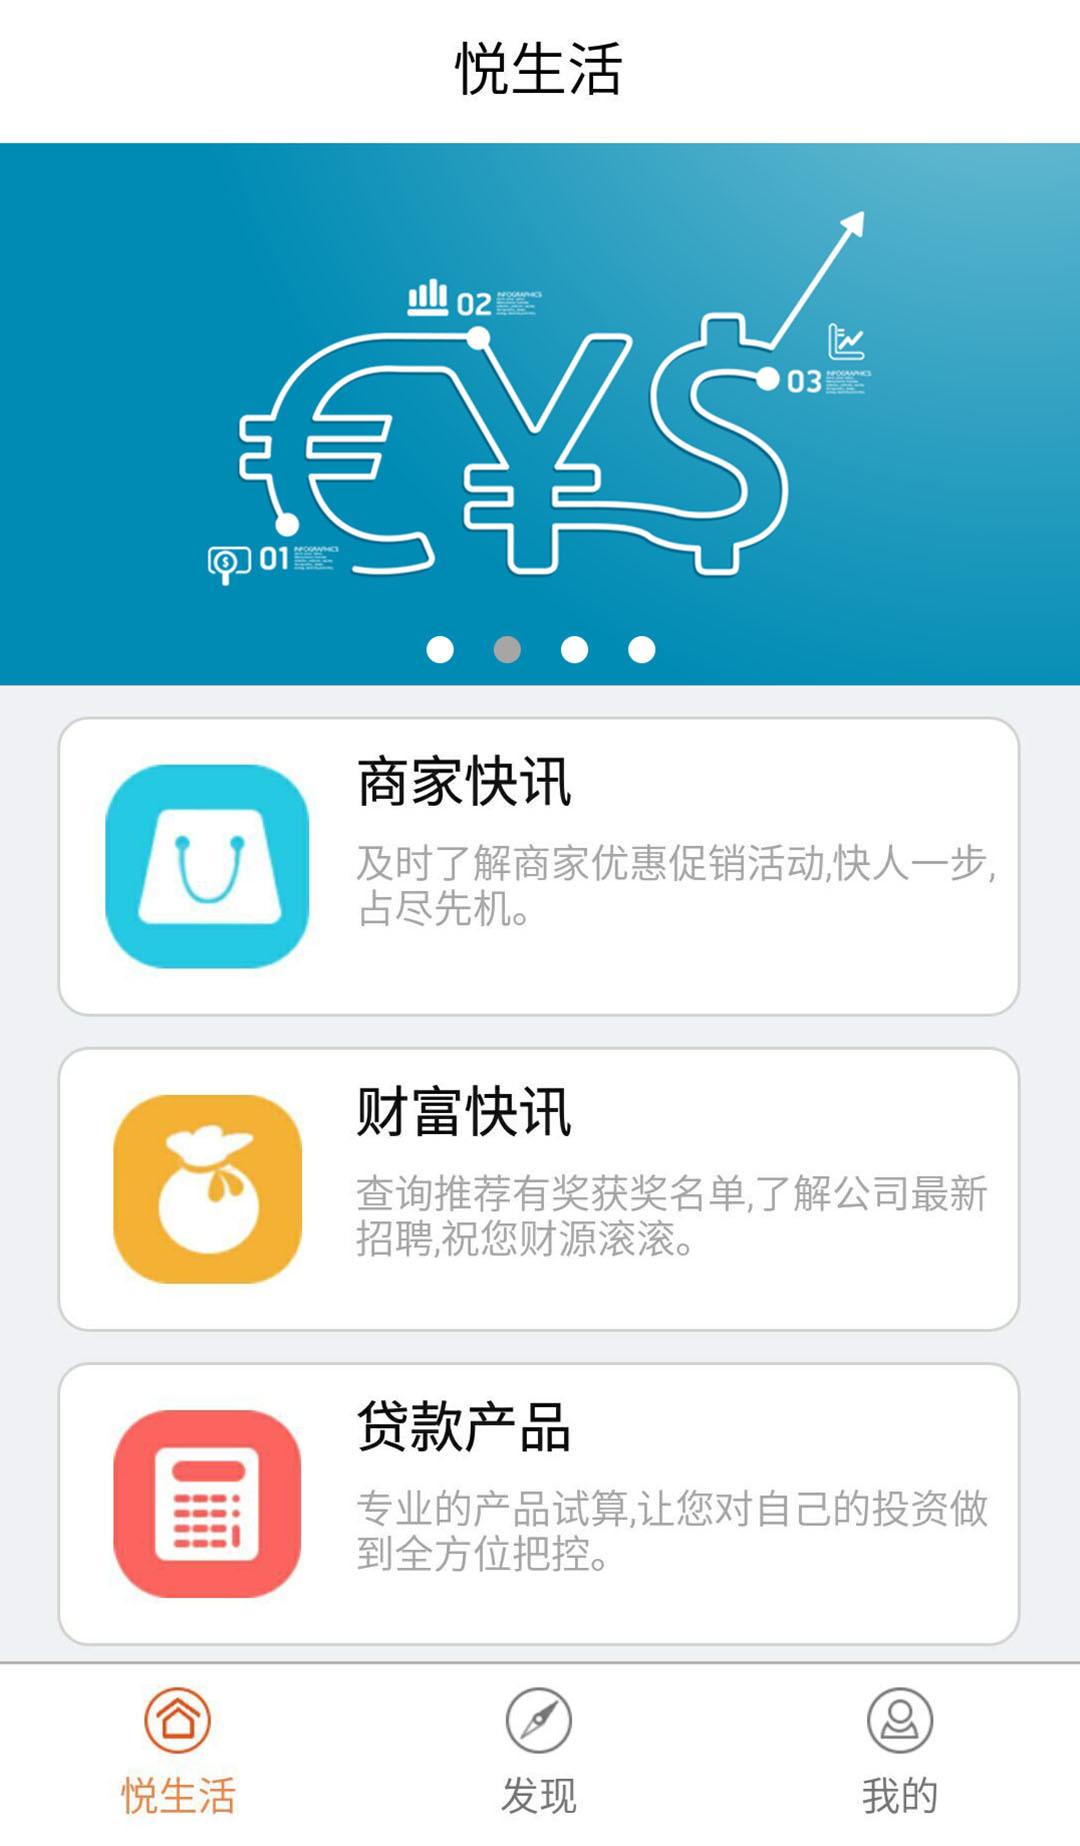 优亿金融手机版下载app图1: